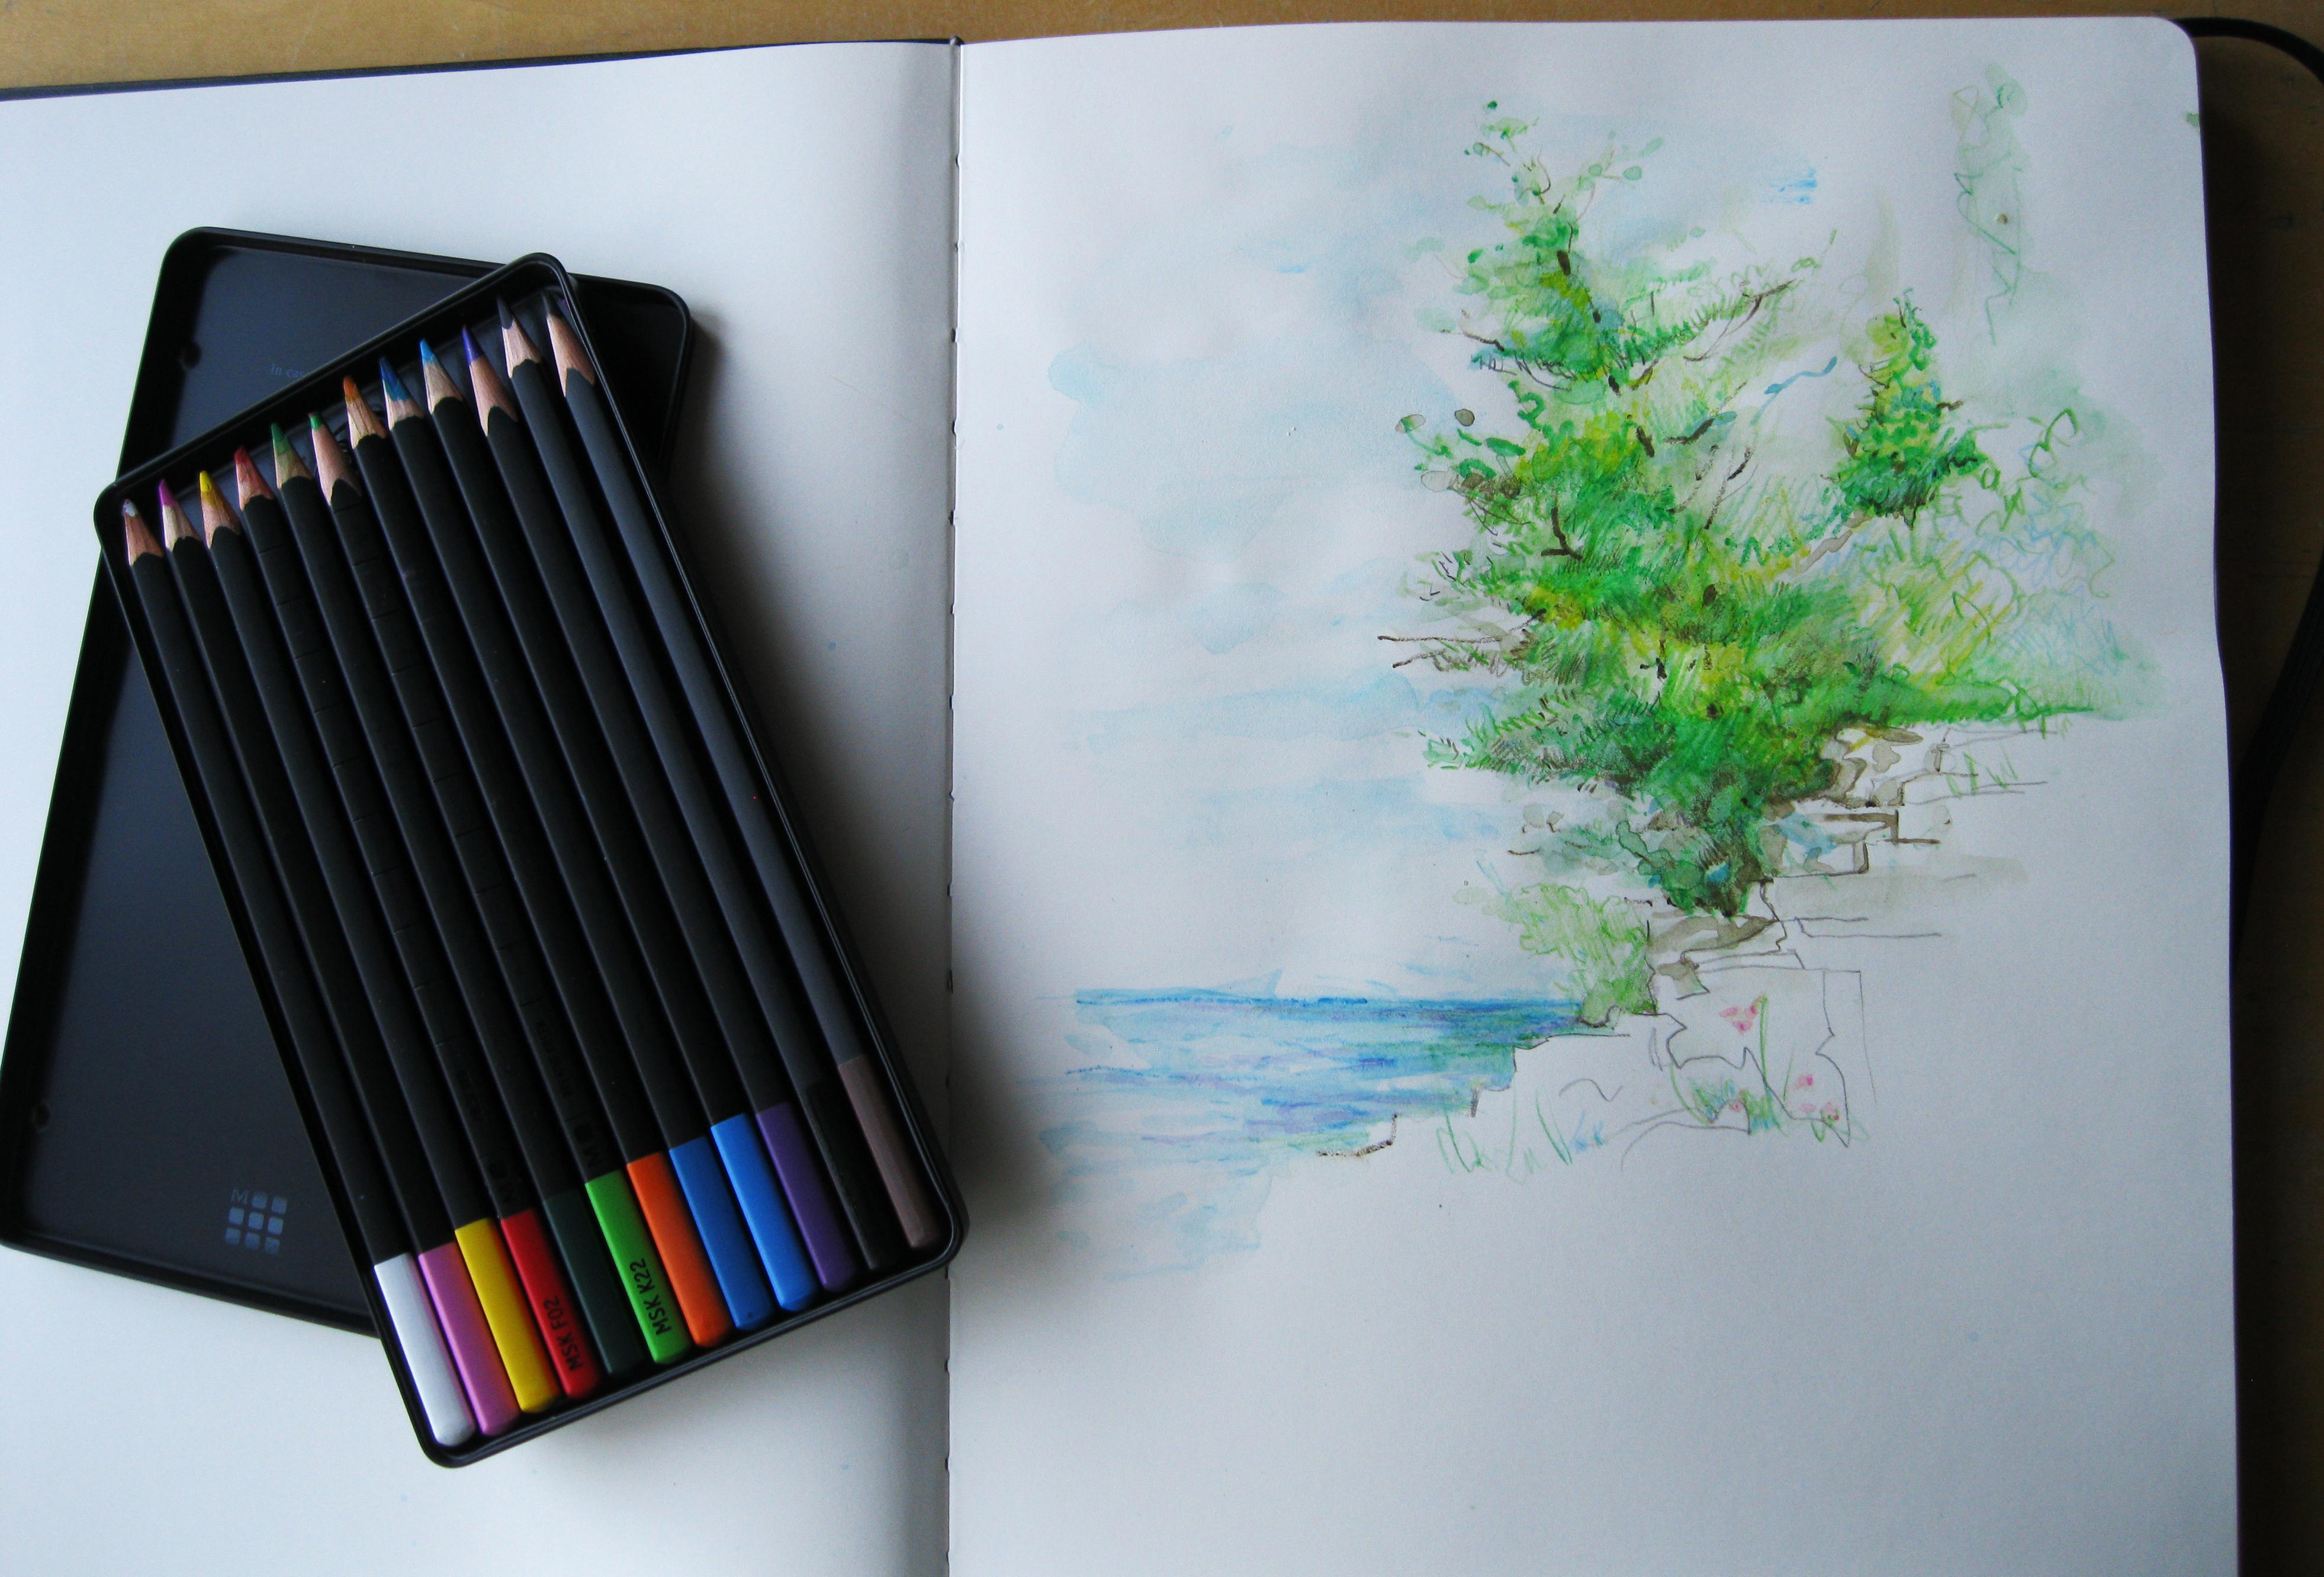 Moleskine watercolor pencils (The Cliffs of Door County)